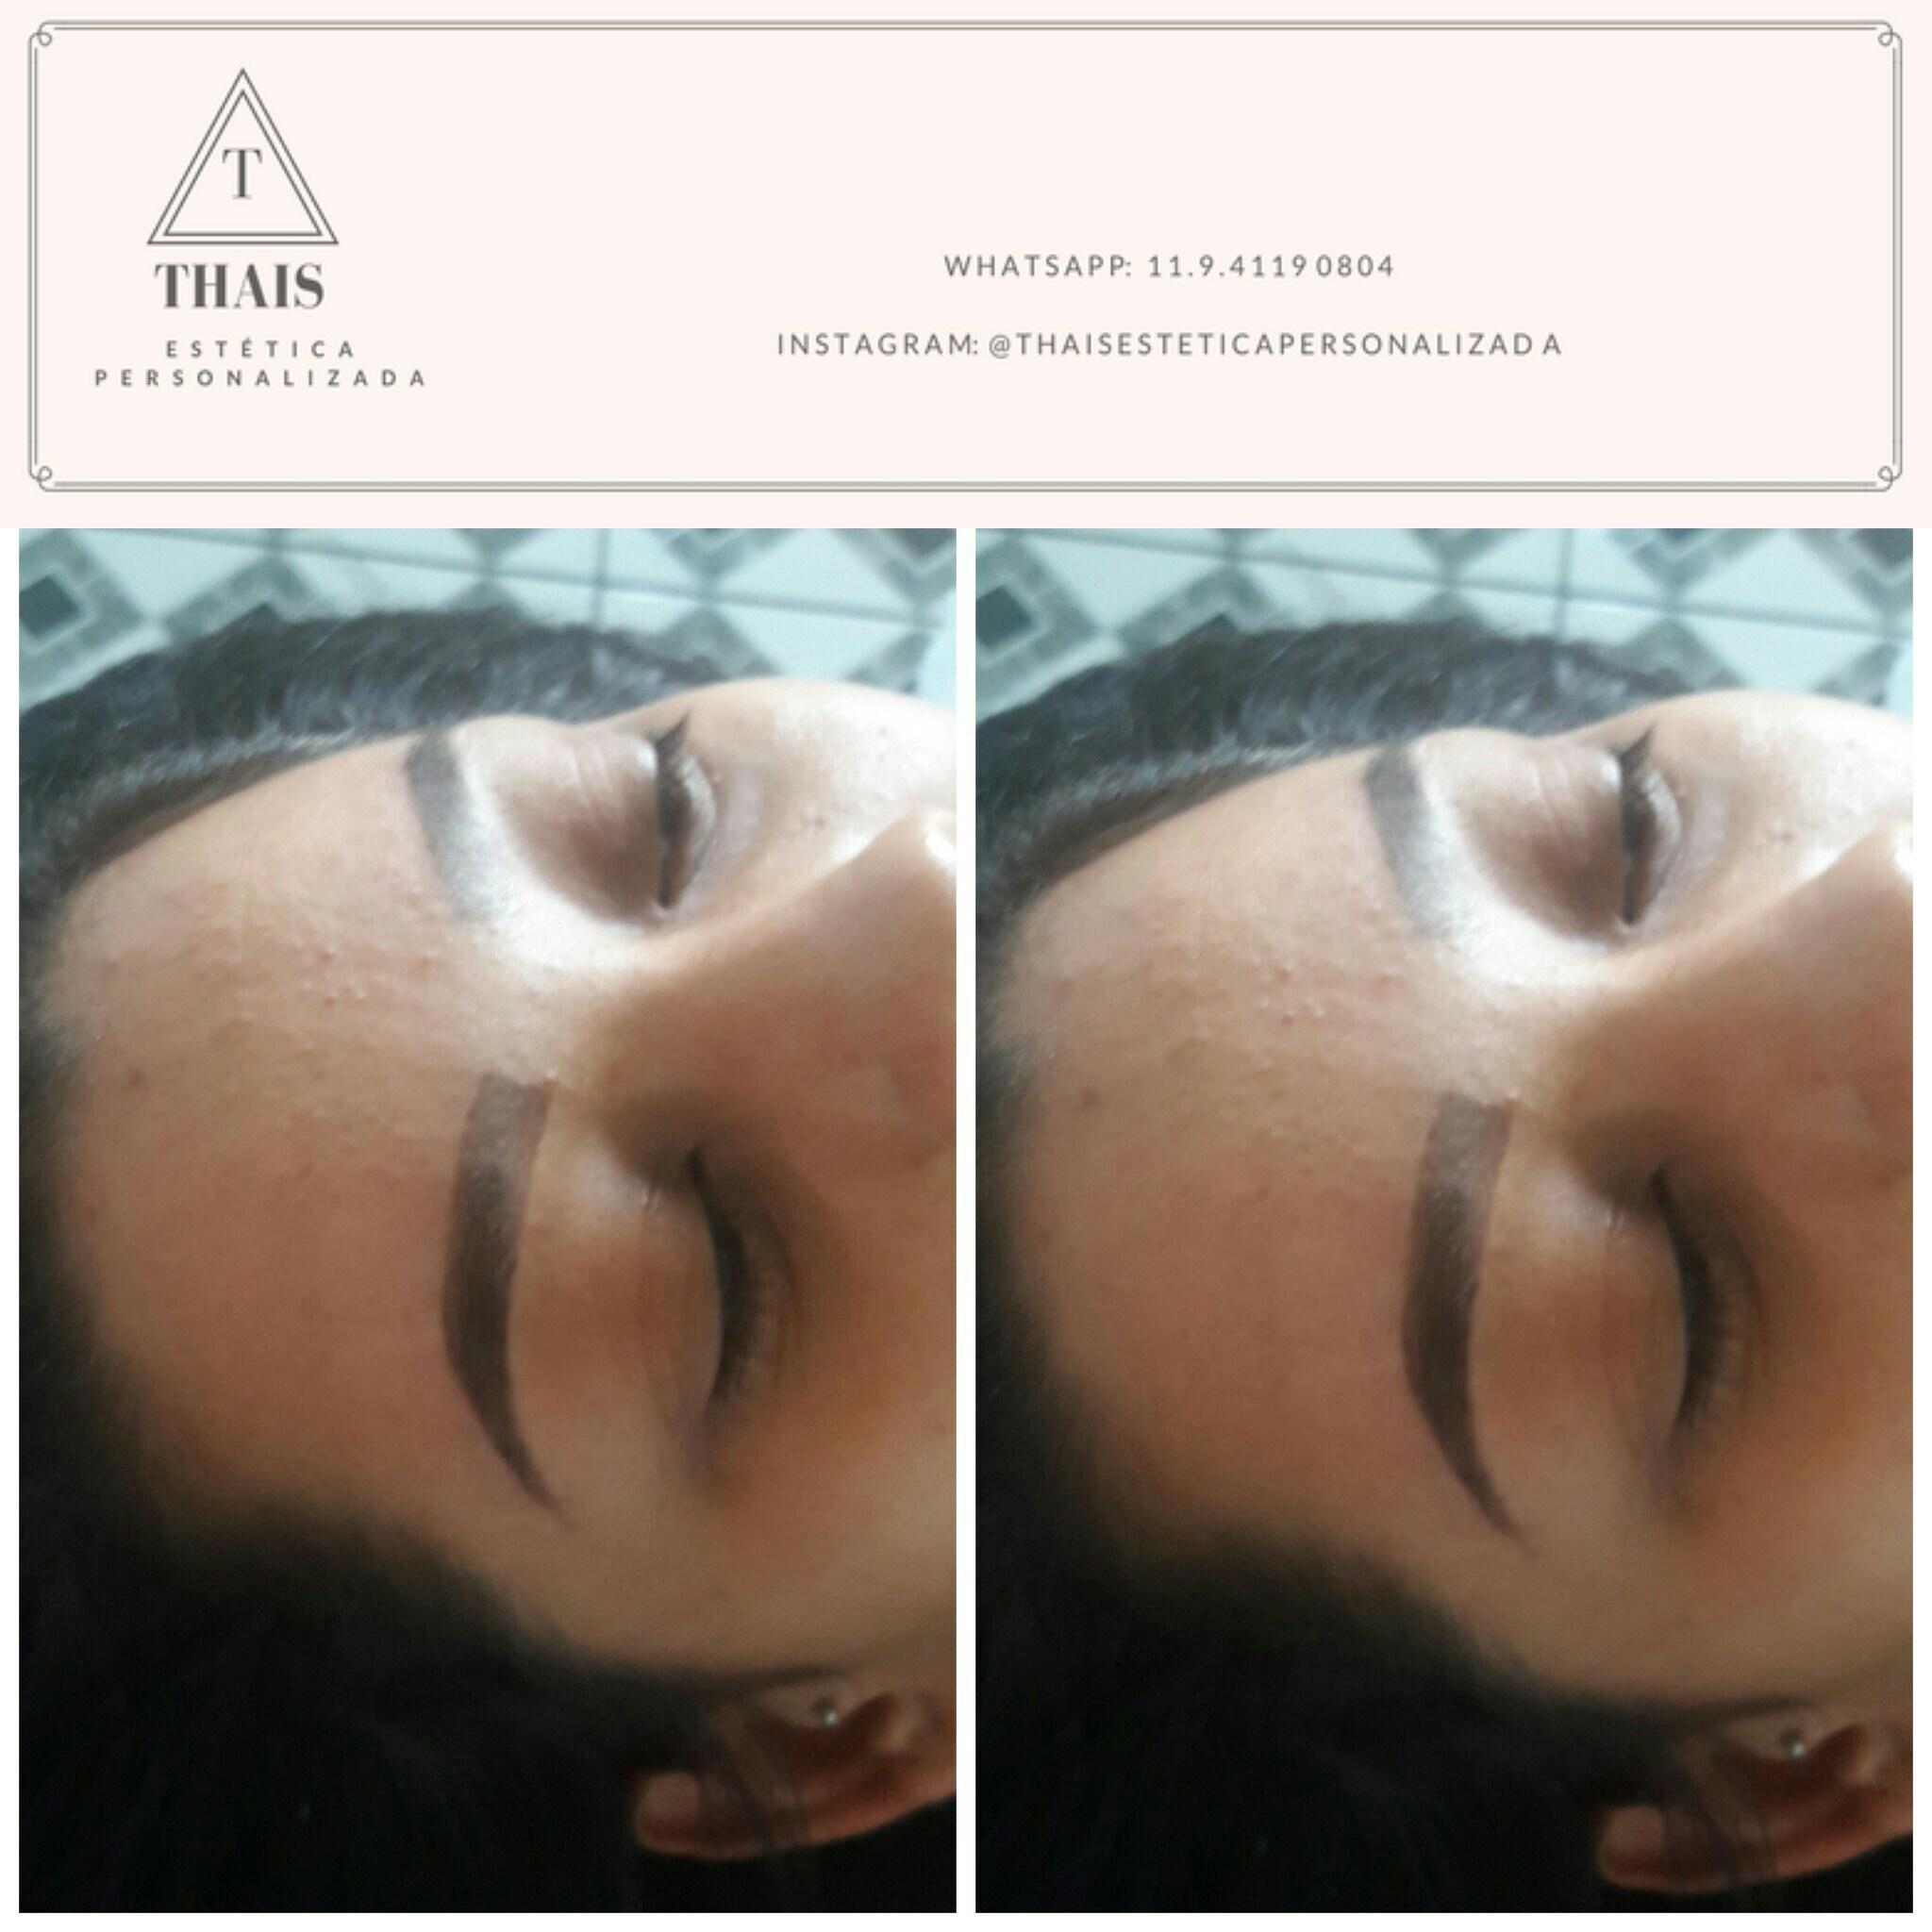 Design de sobrancelhas com henna  #esteticando #designdesobrancelhas #sobrancelhaslindas  estética esteticista designer de sobrancelhas